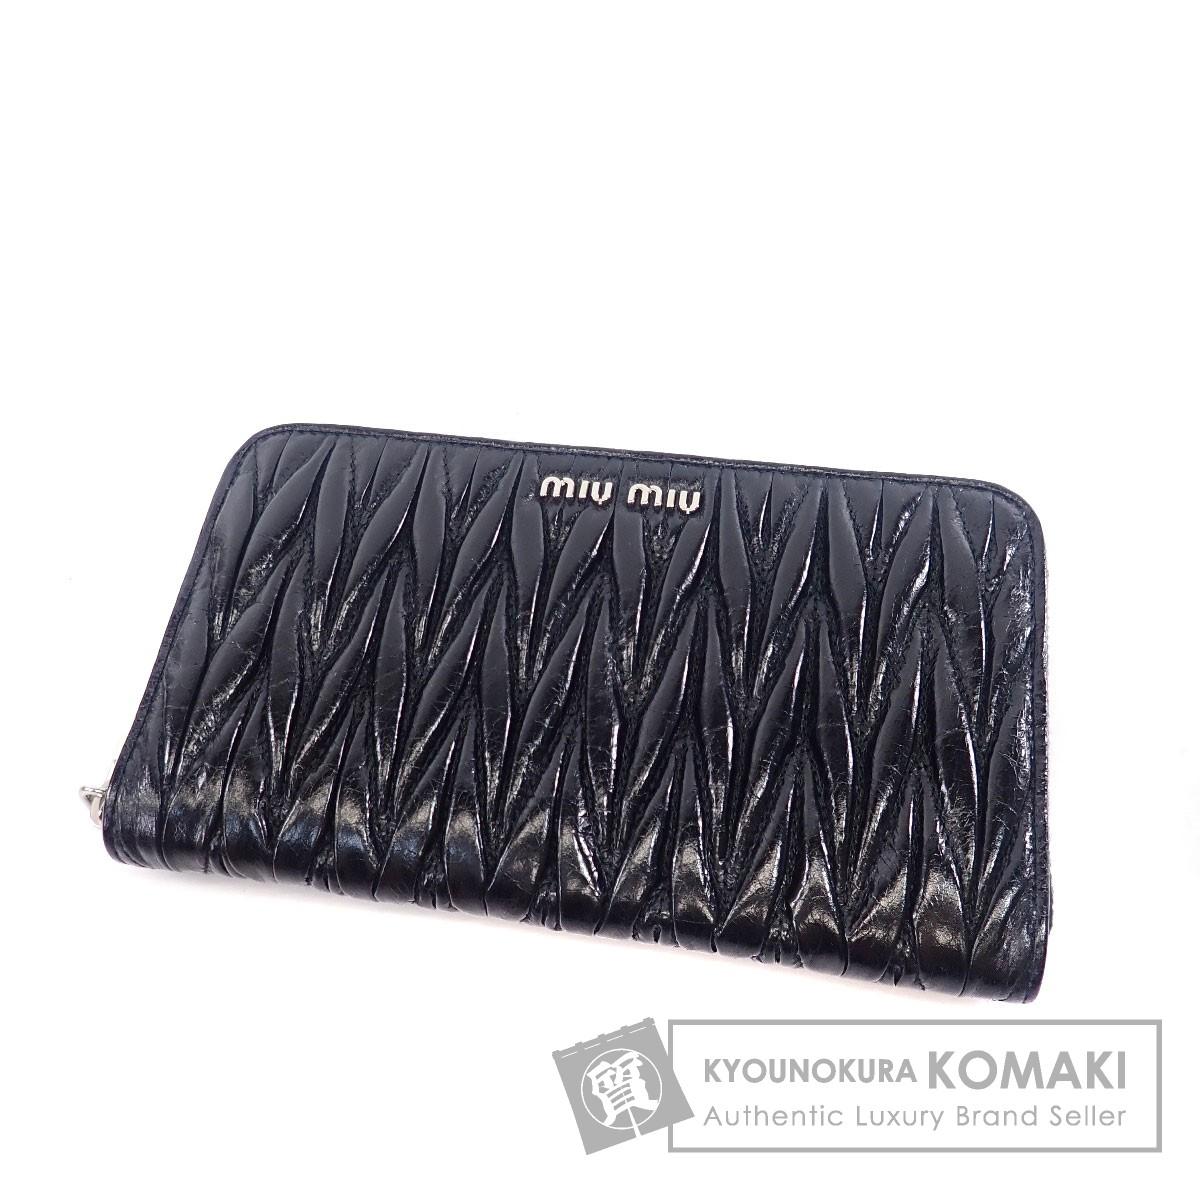 MIUMIU ロゴマーク 長財布(小銭入れあり) カーフ レディース 【中古】【ミュウミュウ】